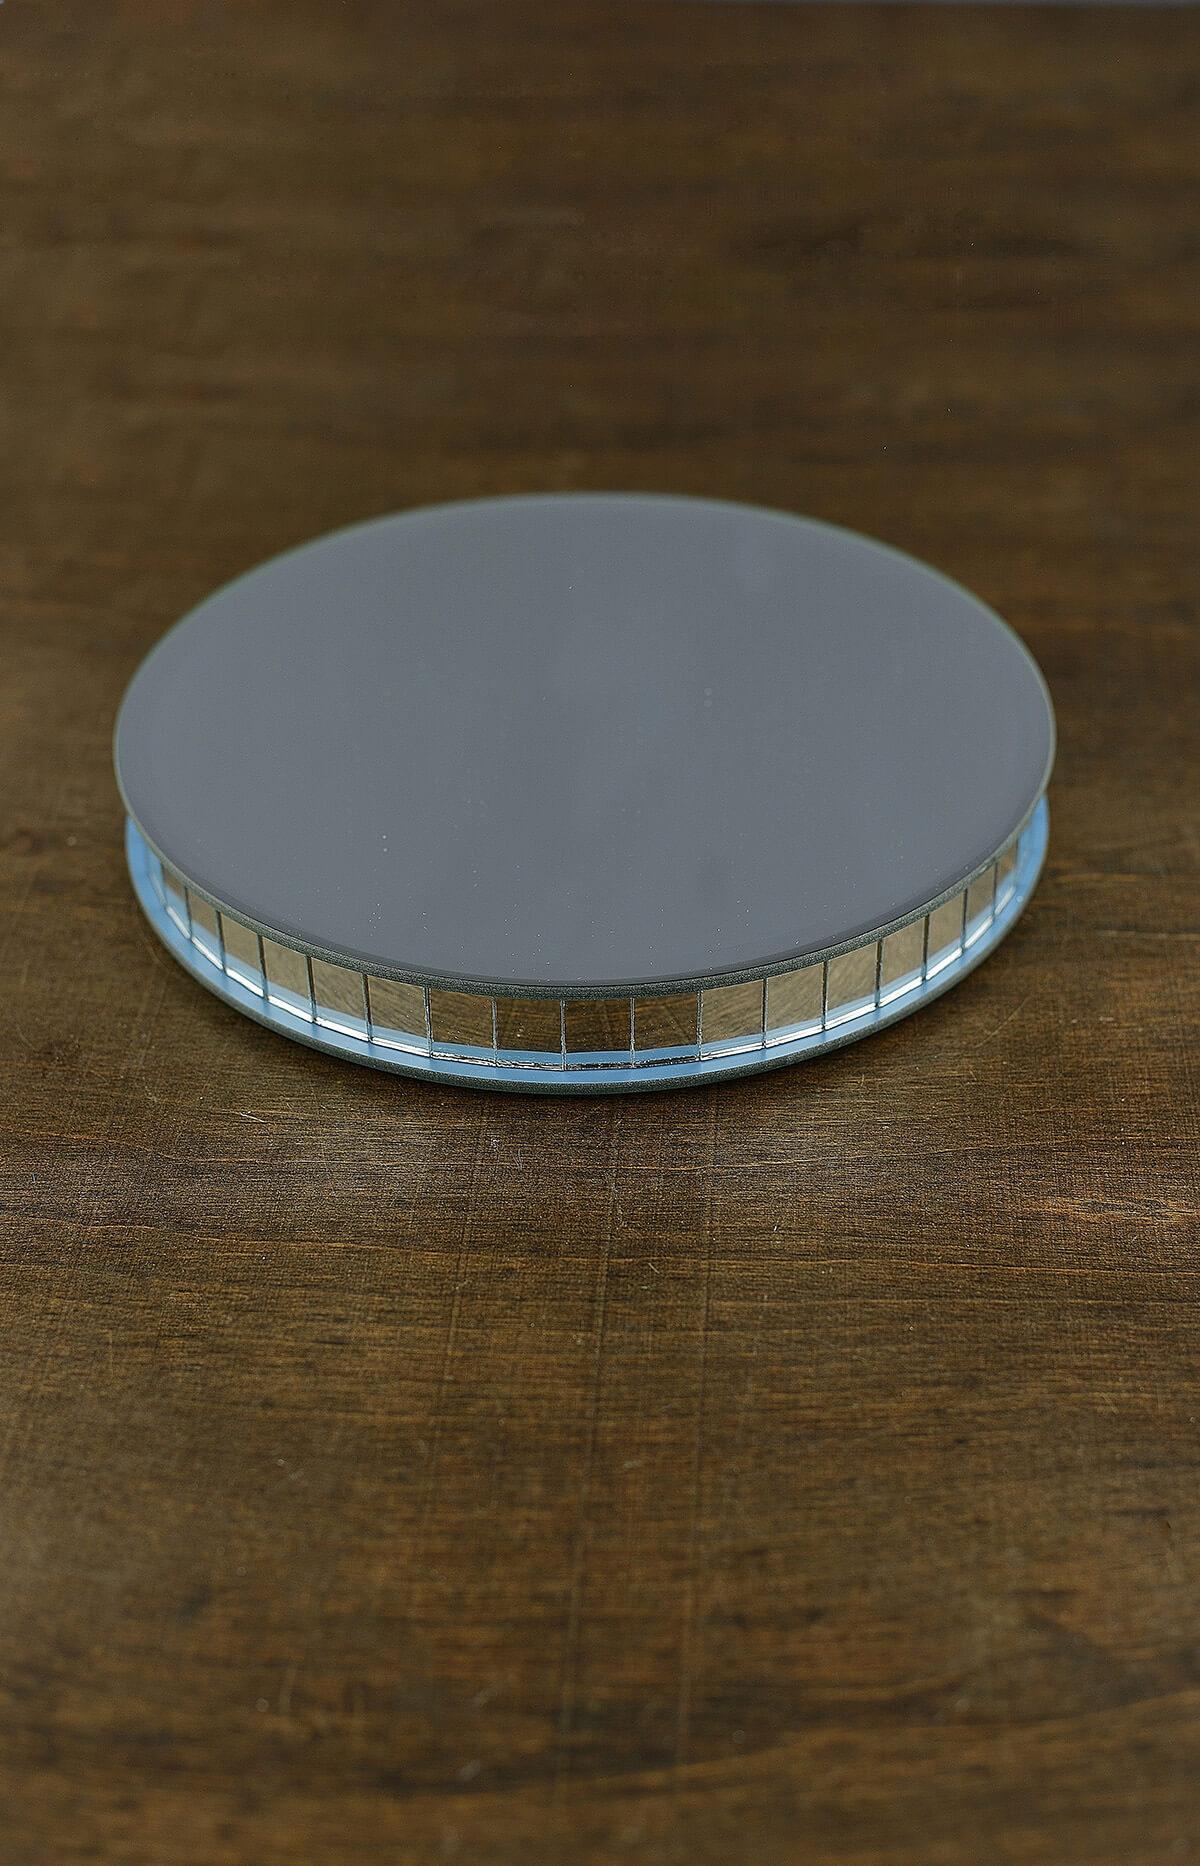 Large 8 Quot Mirror Riser Round